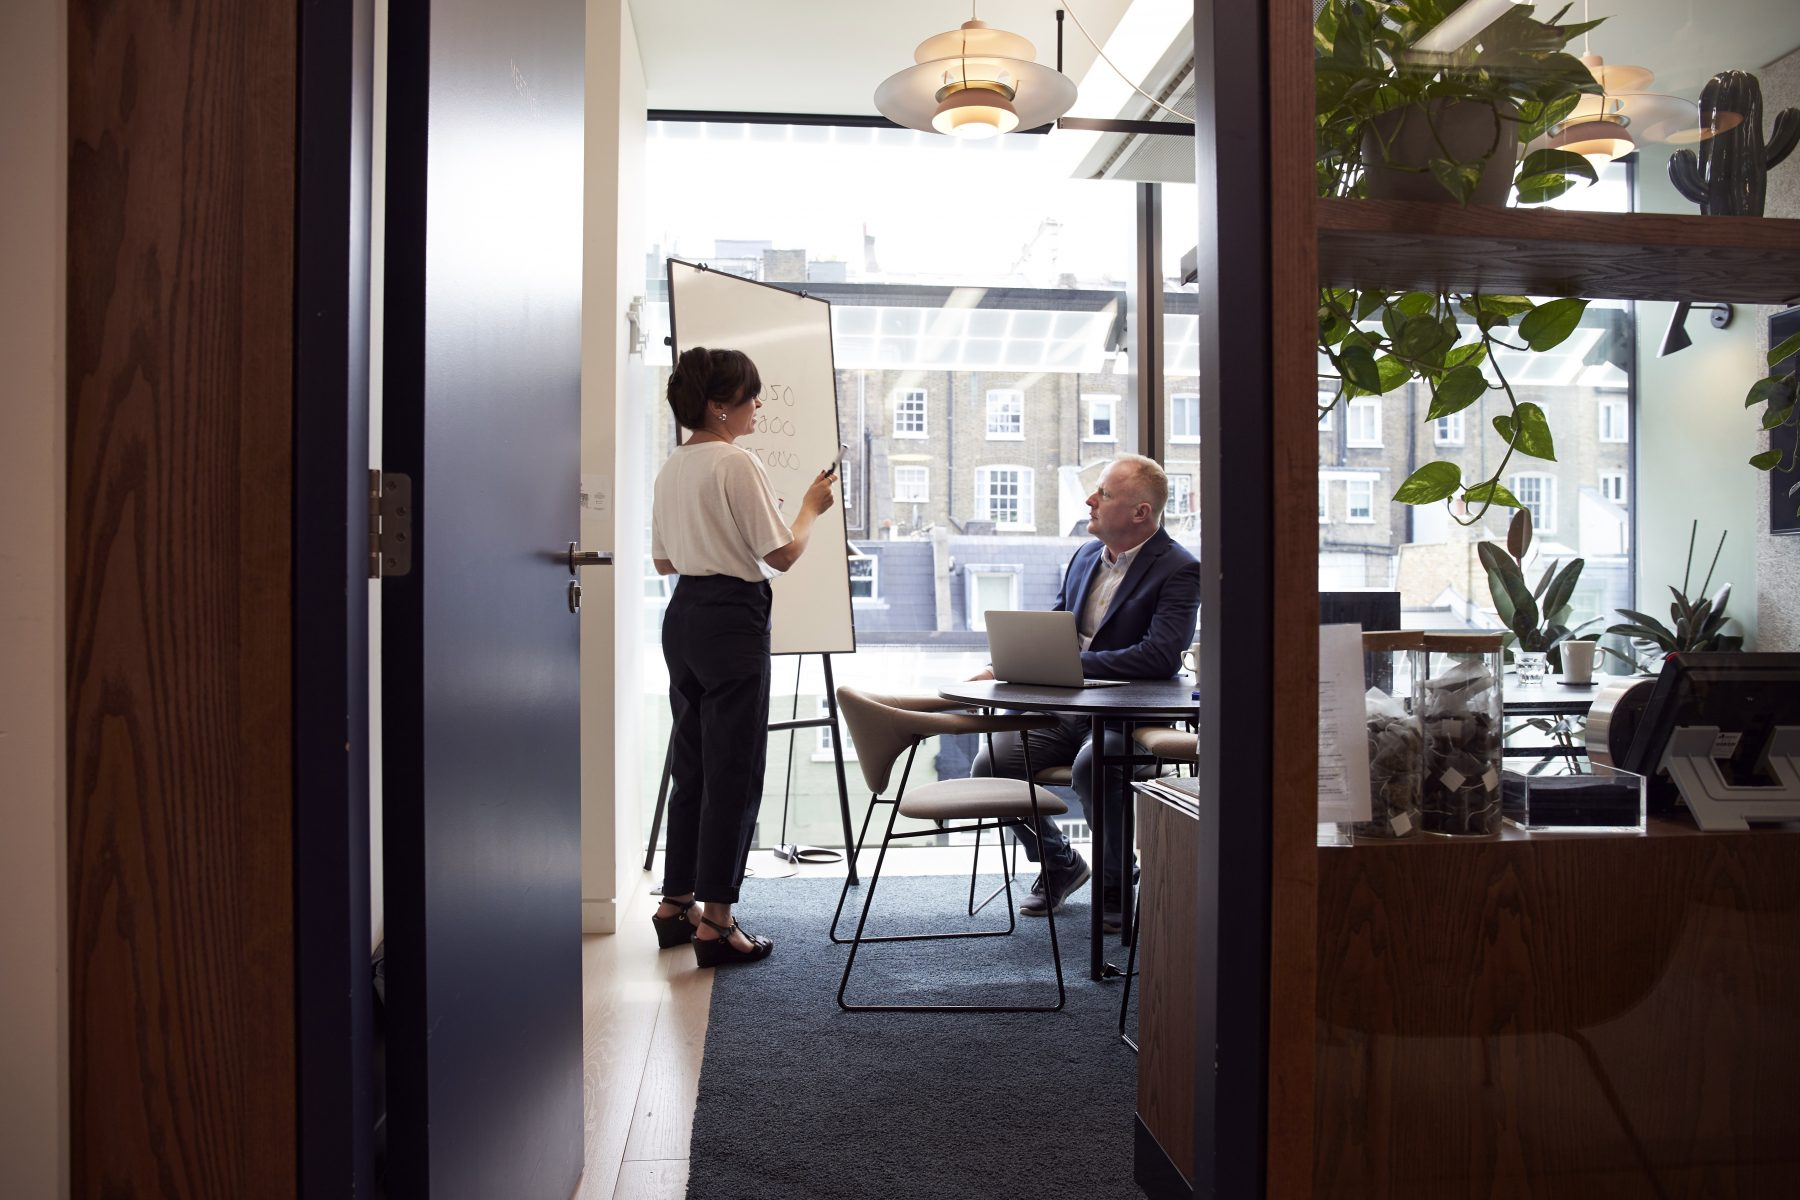 boardroom-brainstorming-business-2977547